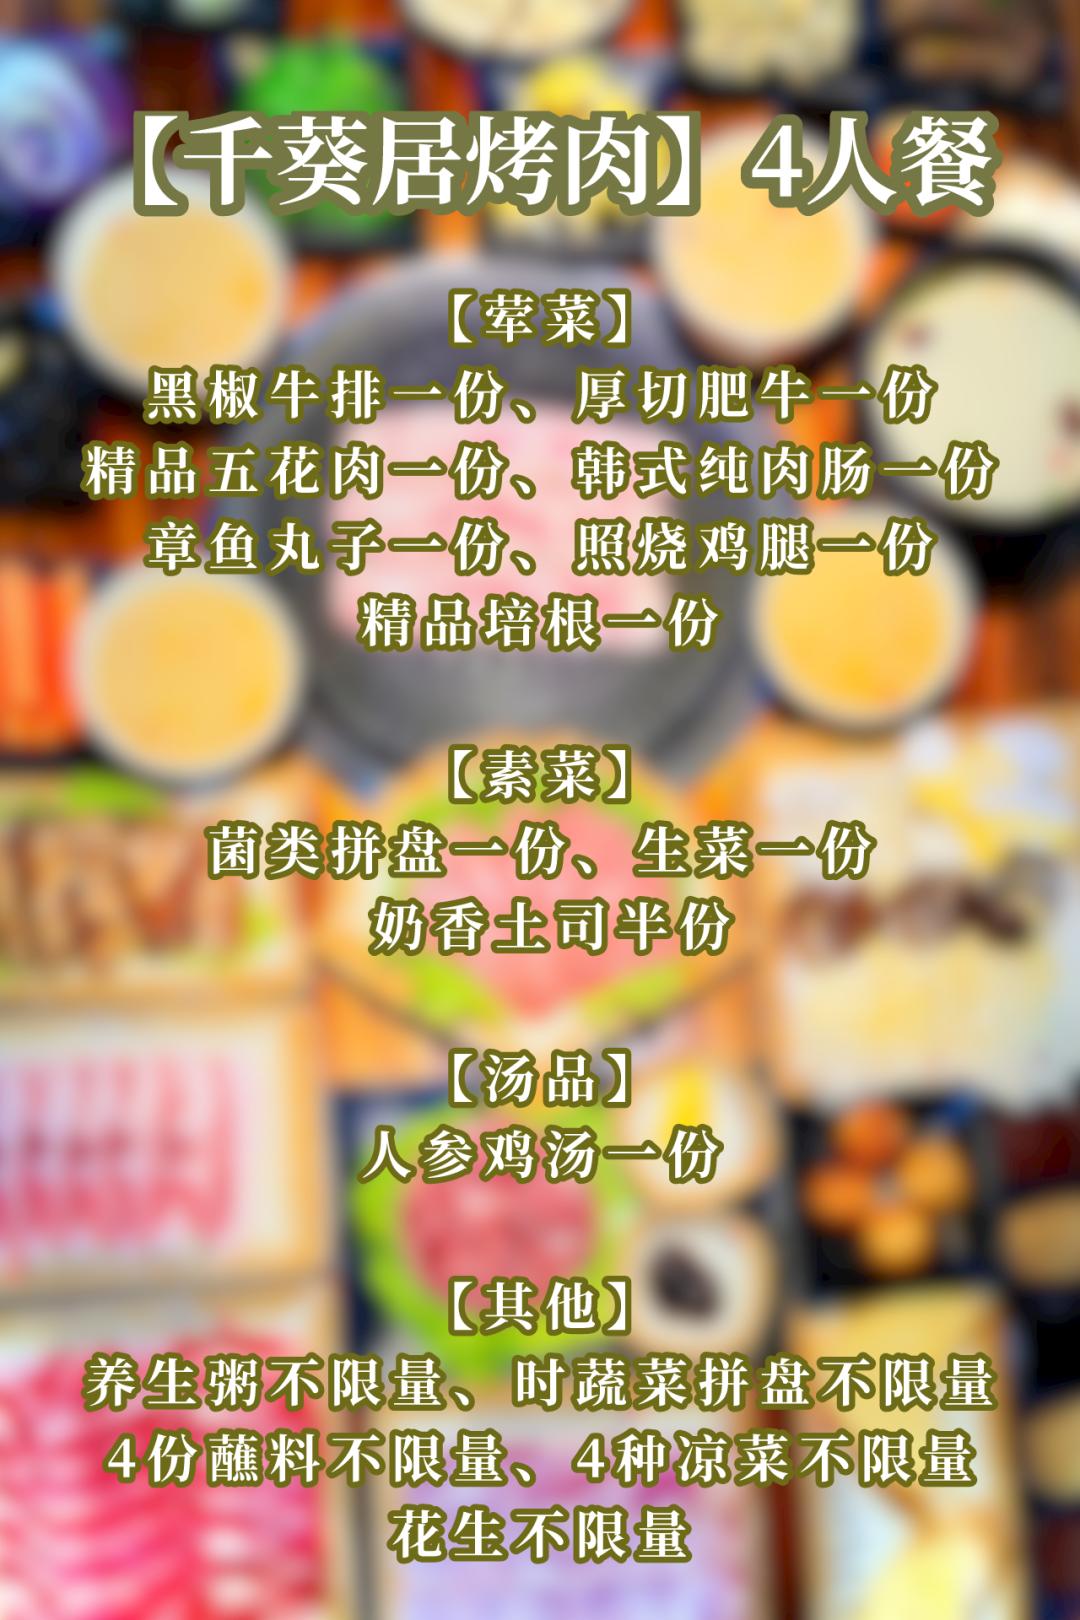 【免预约|千葵居烤肉|元旦适用】大口大口吃肉的贴膘盛宴!仅99元享门市价328元烤肉4人餐=黑椒牛排+后切肥牛+精品五花肉+韩式纯肉肠+章鱼丸子+照烧鸡腿+精品培根等。一步美味到胃!地铁直达哦~